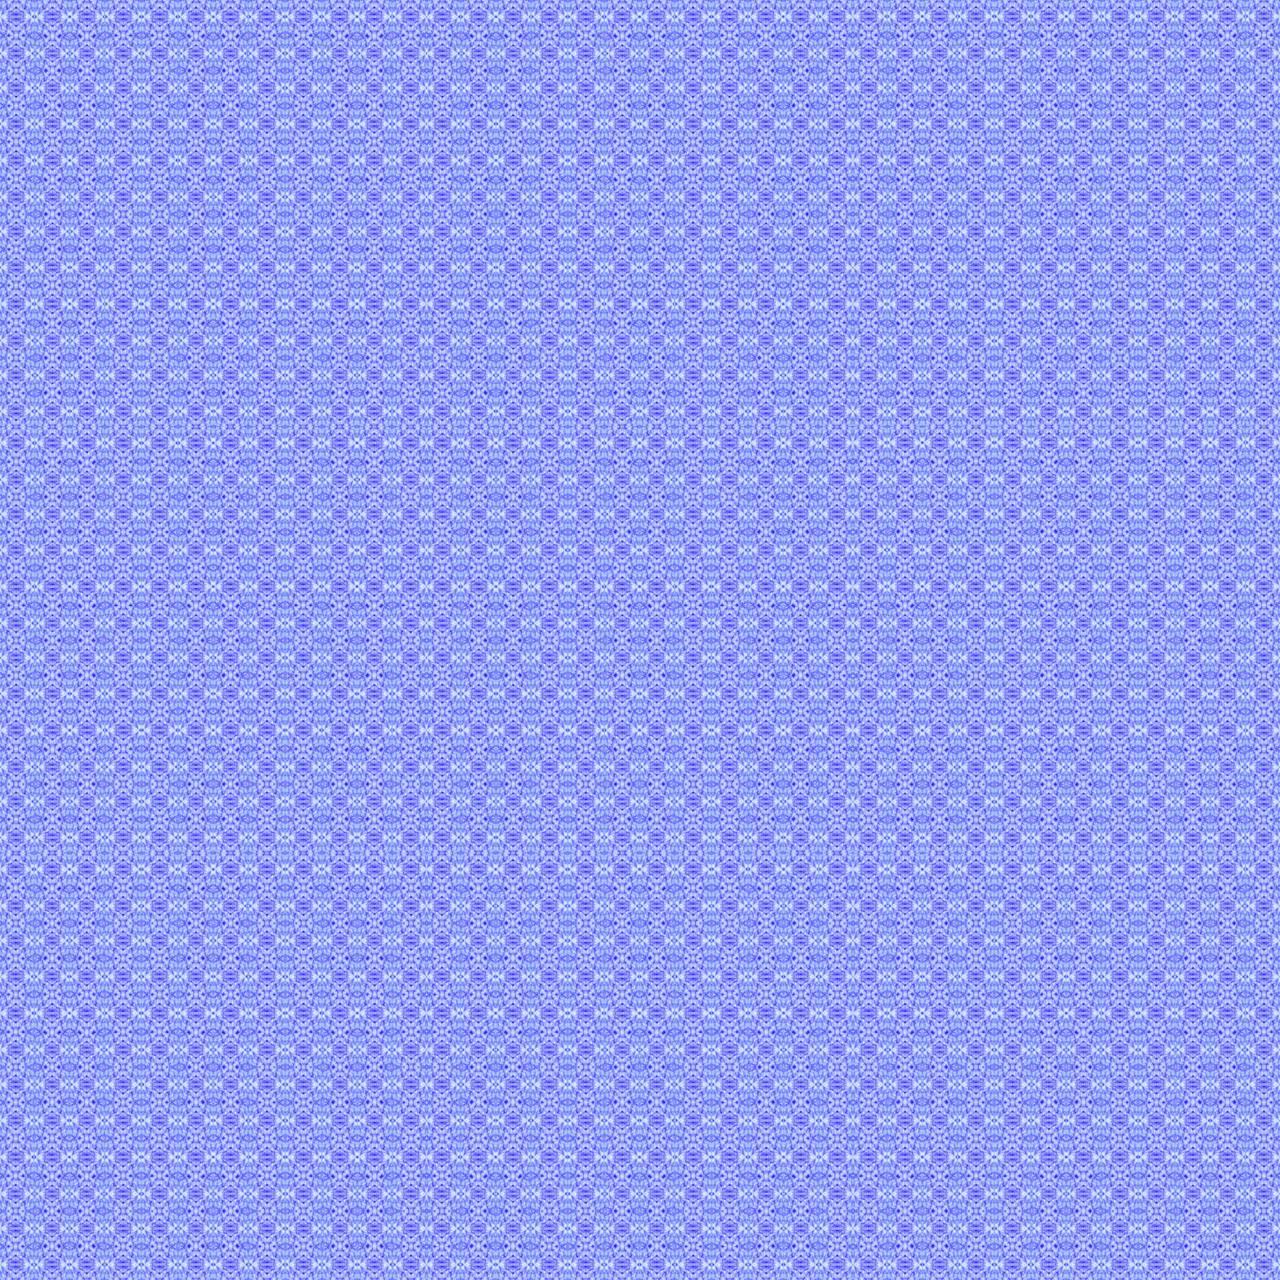 Tiled Wallpaper 32-3